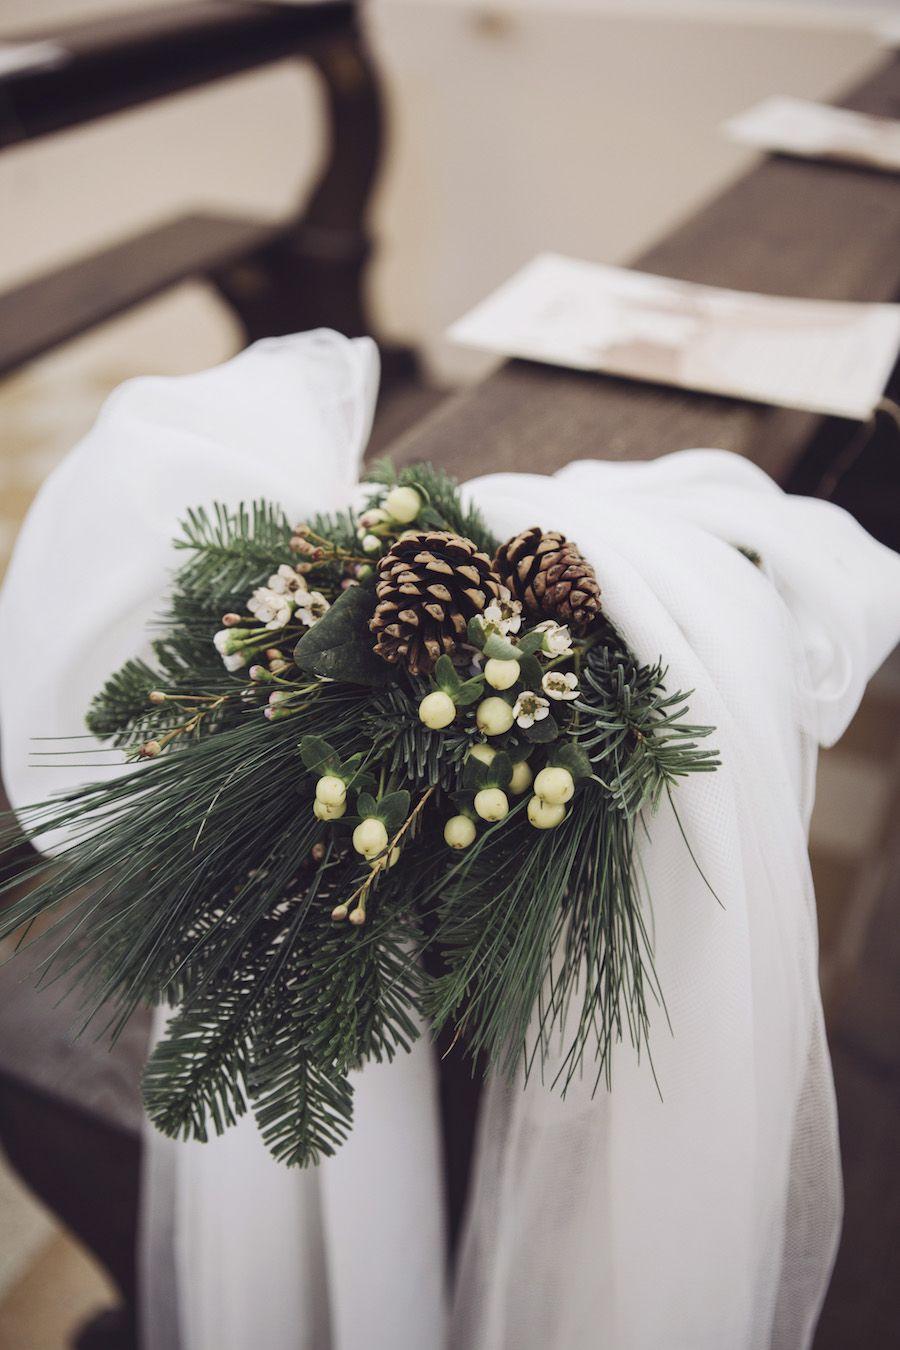 Matrimonio Toscana Inverno : Dettagli rustici perfetti per un matrimonio invernale in montagna